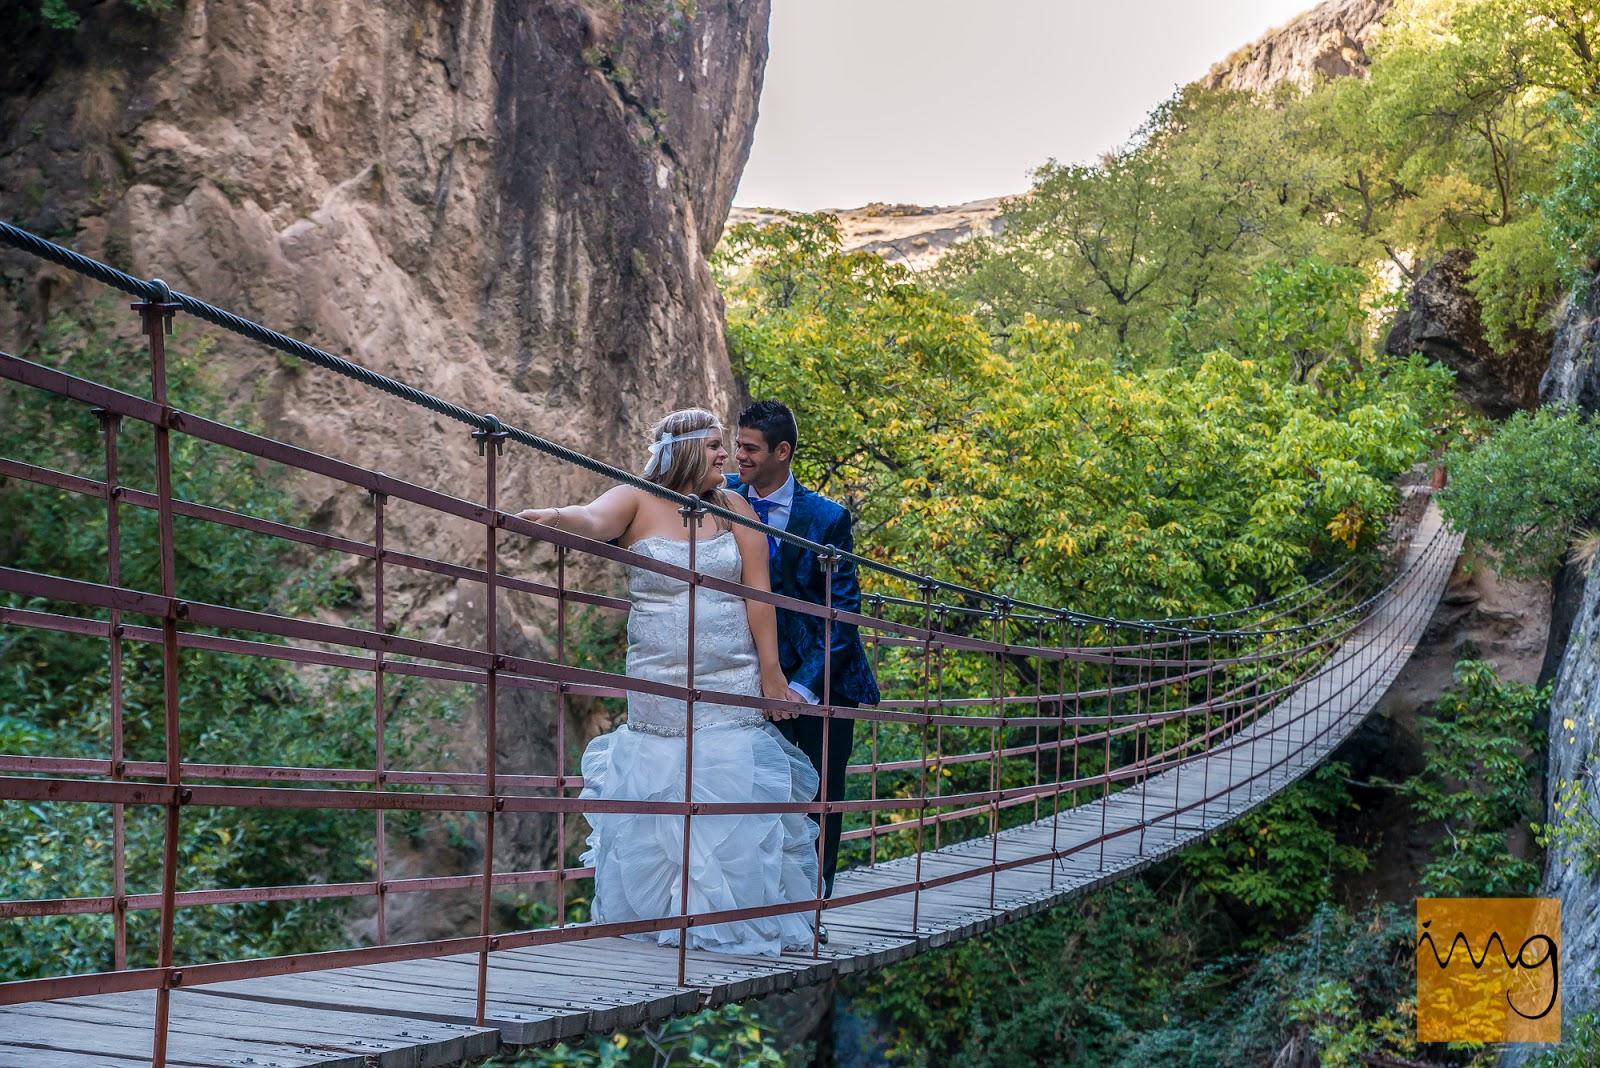 puente flotante de los Cahorros